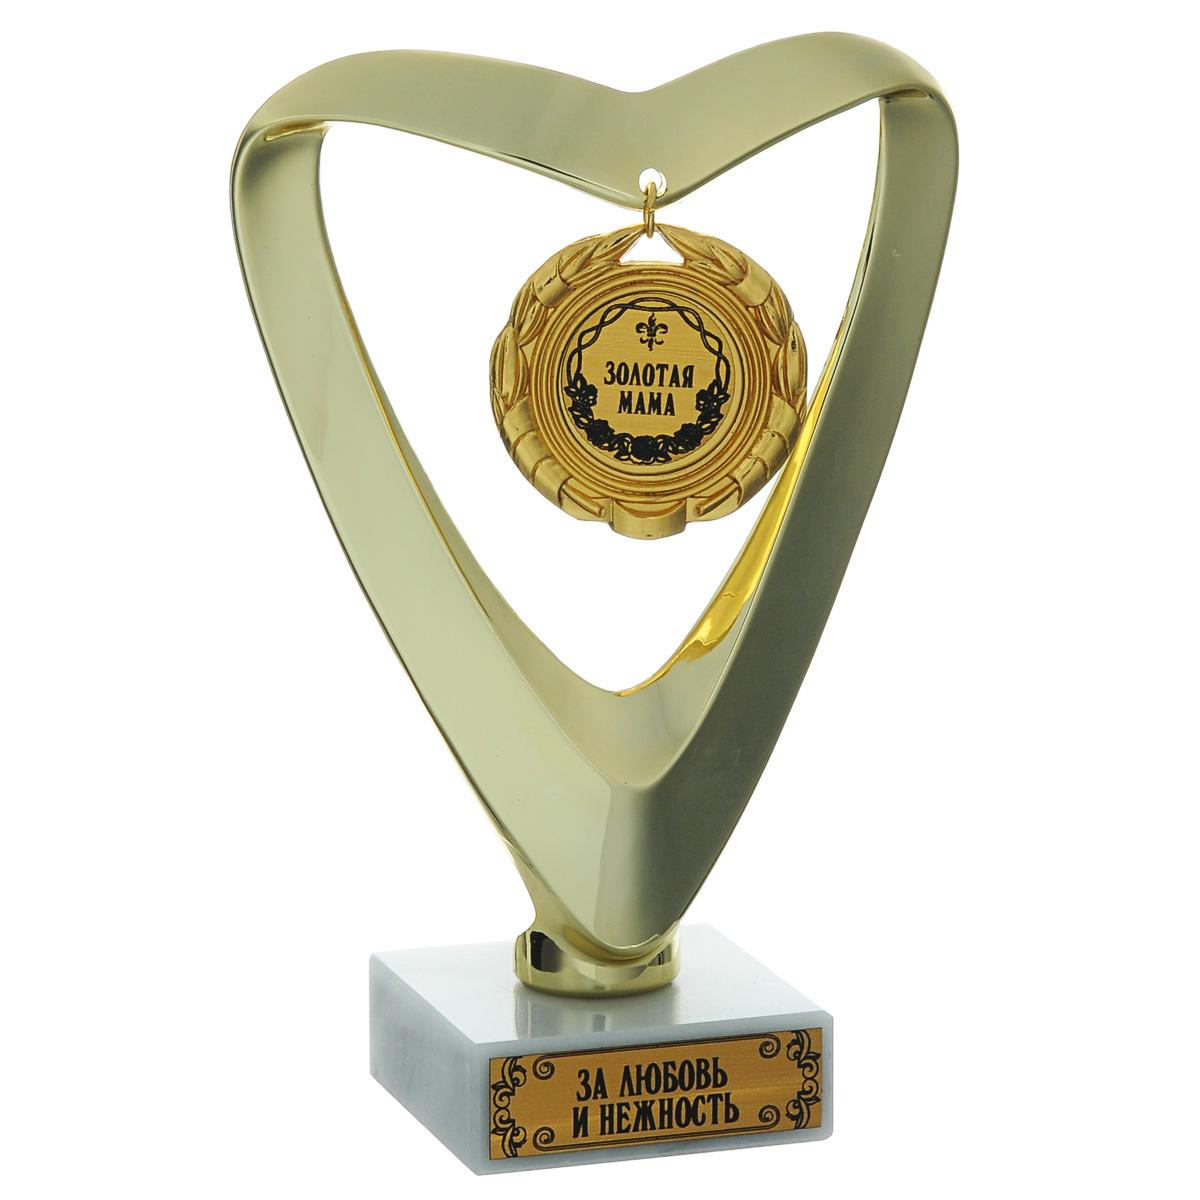 Кубок Сердце. Золотая мама, высота 16 см030501001Кубок Сердце. Золотая мама станет замечательным сувениром. Кубок выполнен из пластика с золотистым покрытием. Основание изготовлено из искусственного мрамора. Кубок имеет форму сердца, декорированного подвесной медалькой с надписью Золотая мама. Основание оформлено надписью За любовь и нежность. Такой кубок обязательно порадует получателя, вызовет улыбку и массу положительных эмоций.